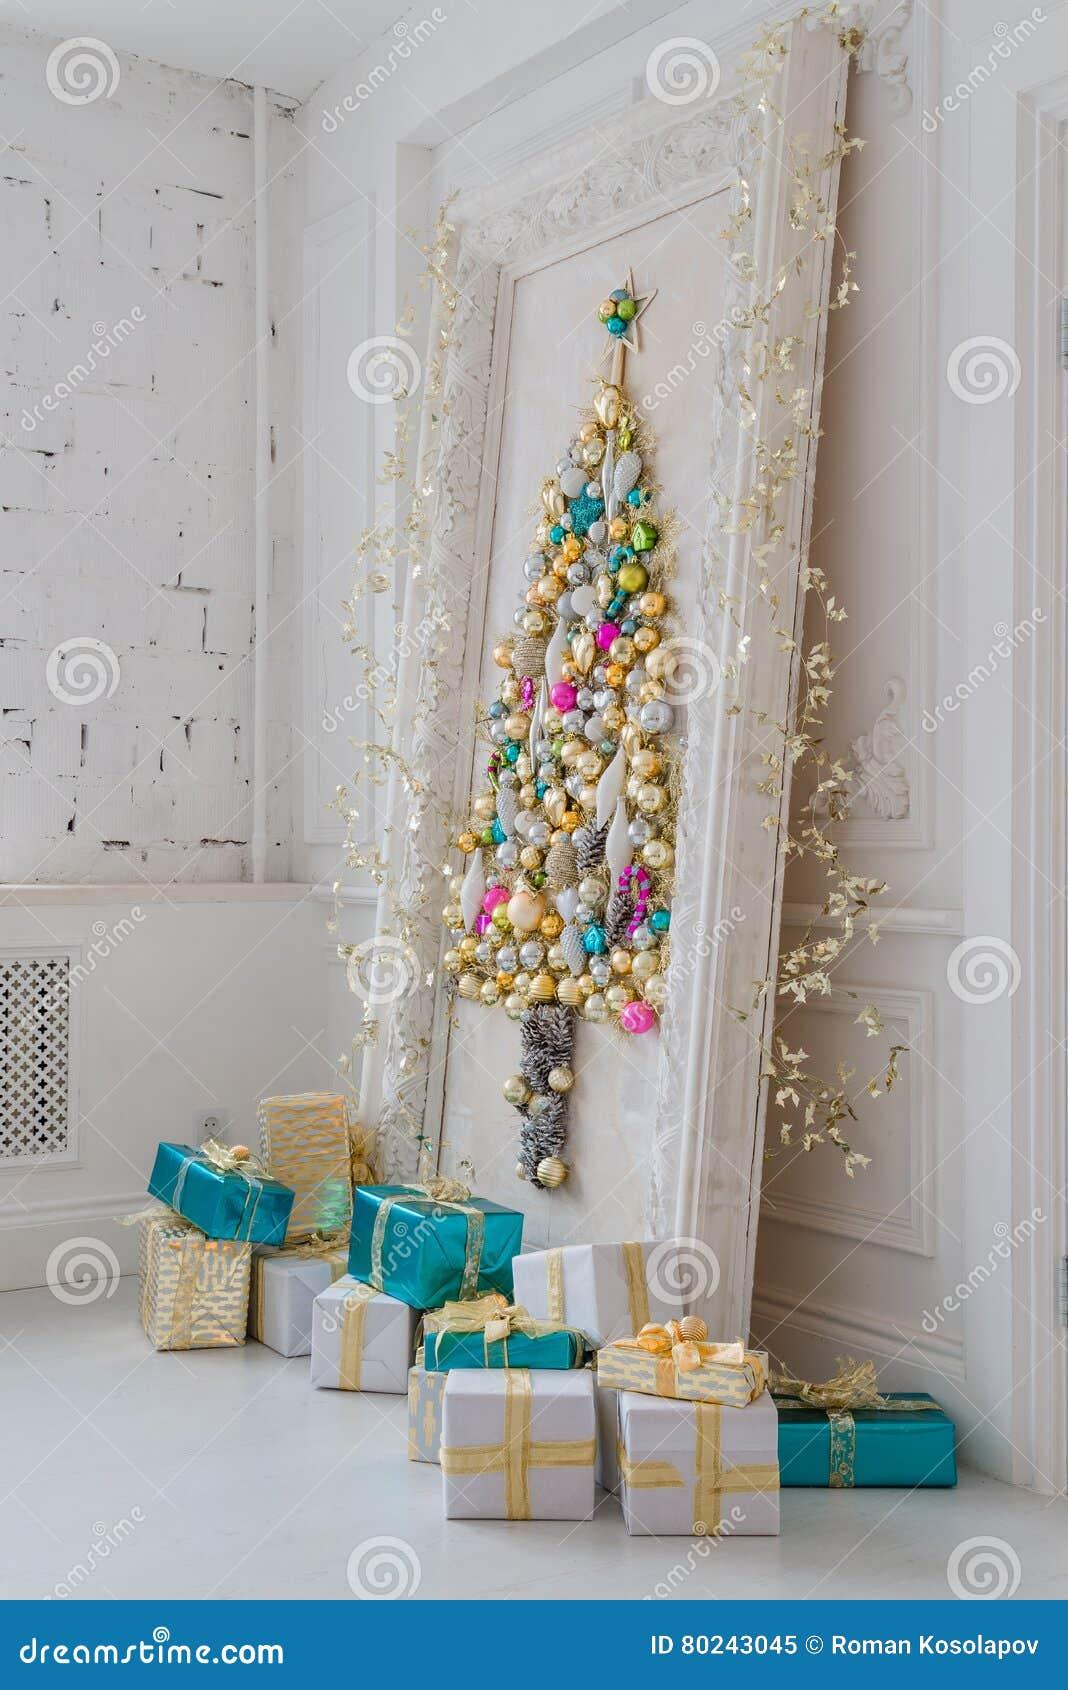 Beau salon int rieur d cor pour no l grand cadre de miroir avec un arbre fait de boules et - Grand miroir pour salon ...